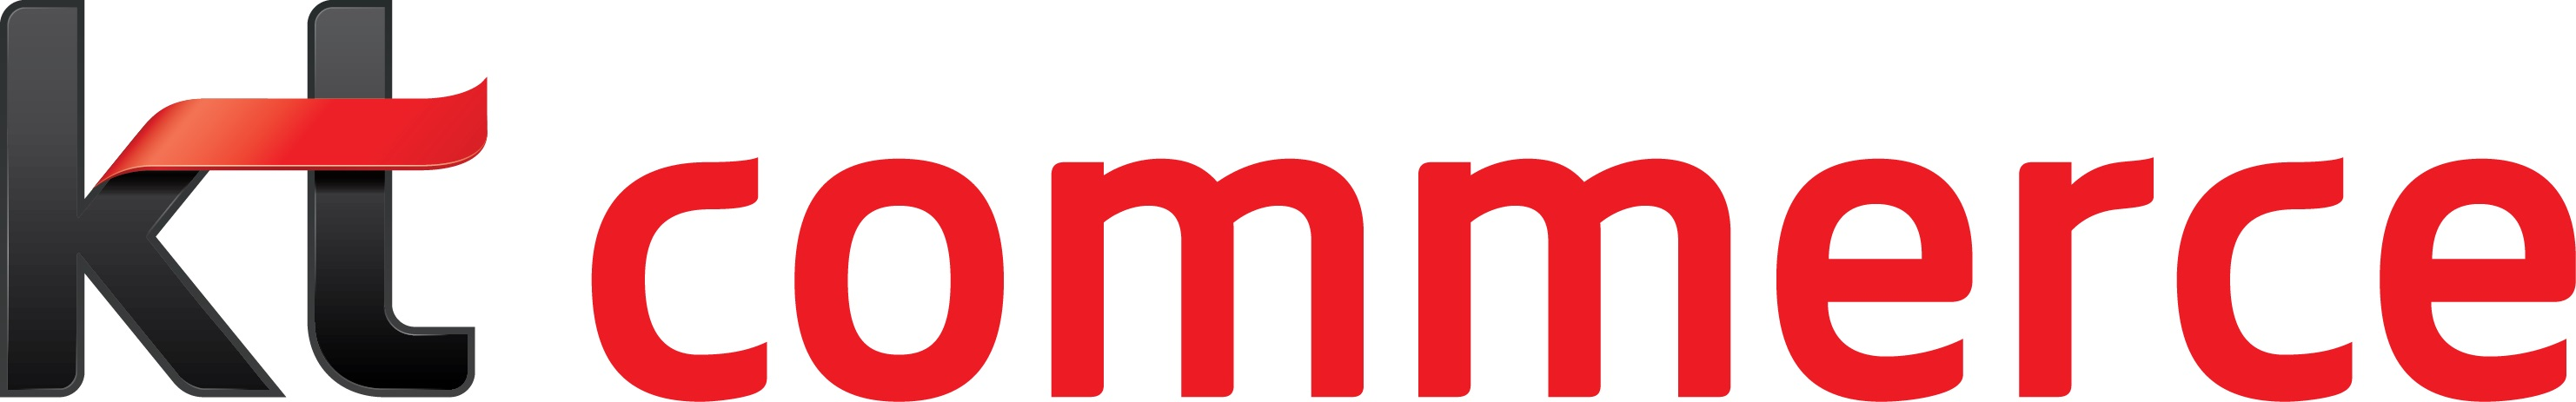 케이티의 계열사 케이티커머스(주)의 로고